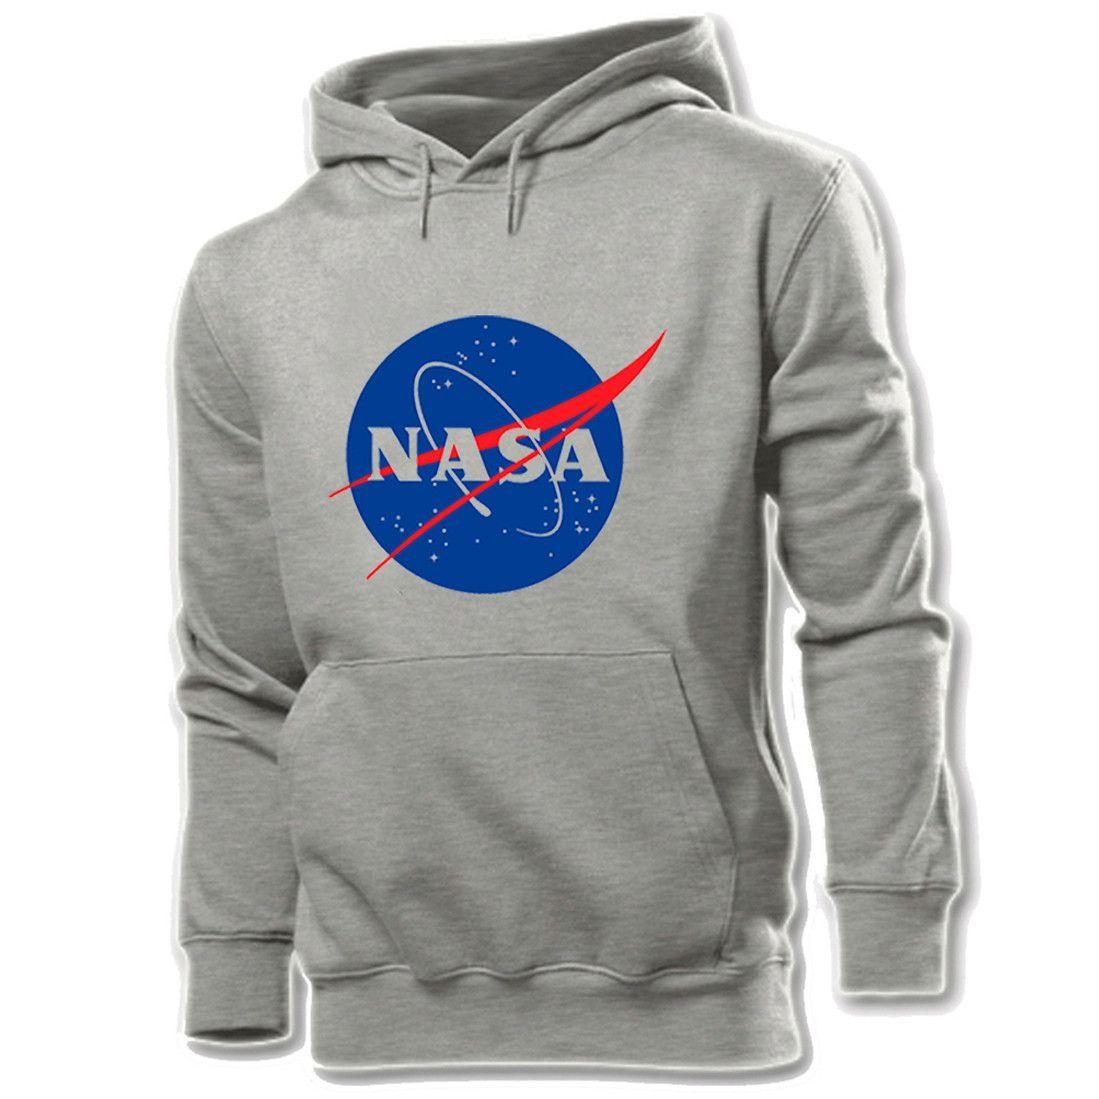 ef92663b2 New Unisex Printed Hoodie NASA Pullover Casual Sweatshirt 3 Colors ...